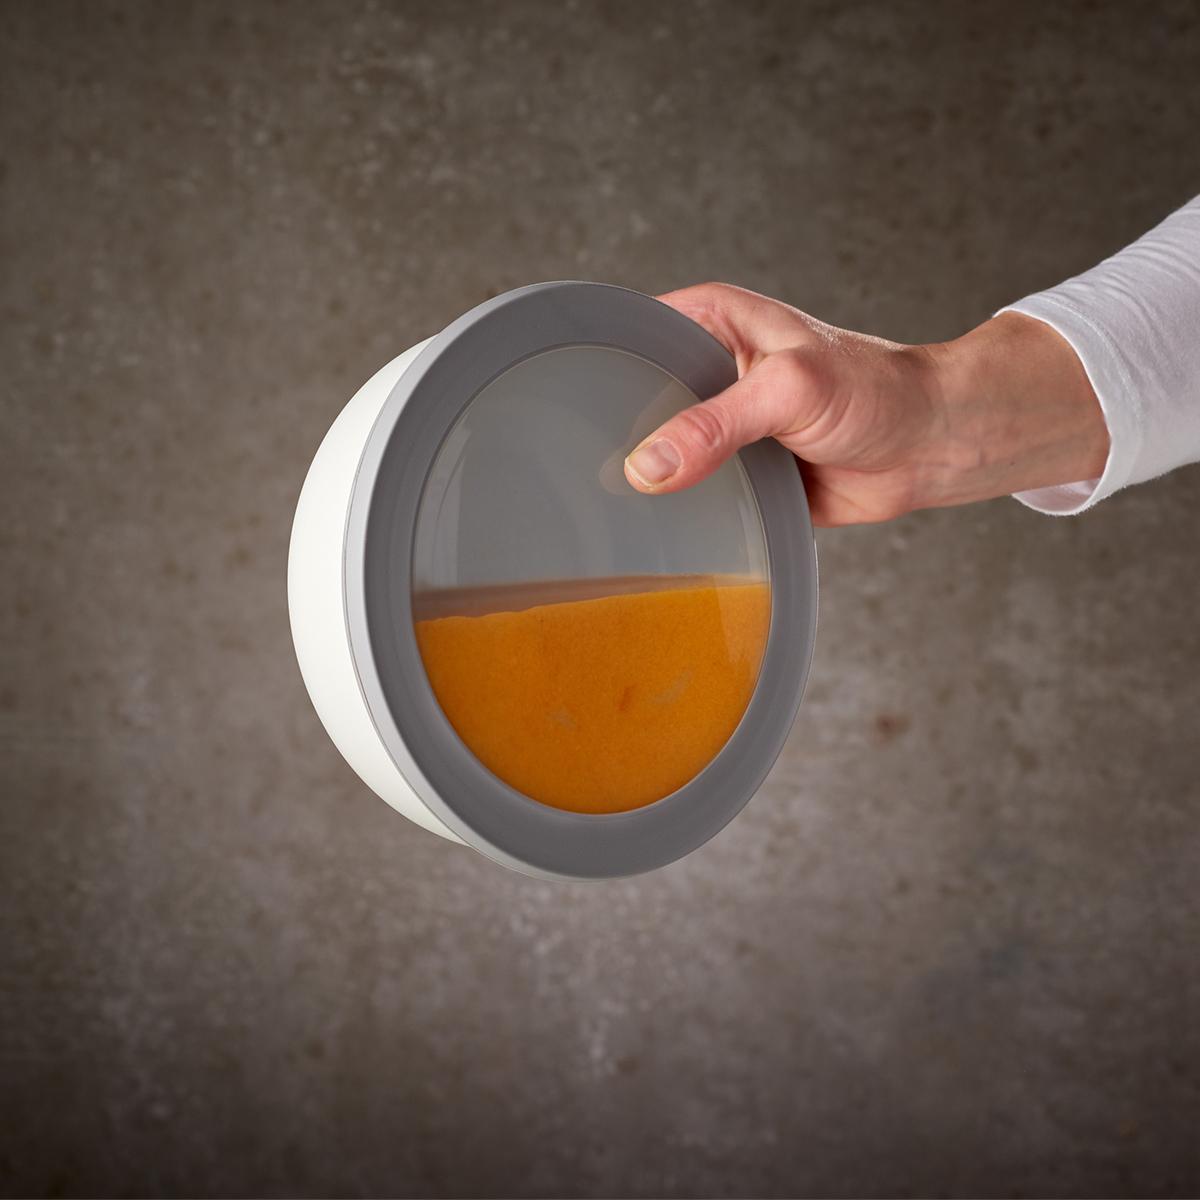 """汁漏れしない「マルチボウル」 《750ml》サラダや常備菜をレンジで温めて、そのまま食卓に出せる""""汁漏れしない""""ボウル MEPAL CIRQULA"""